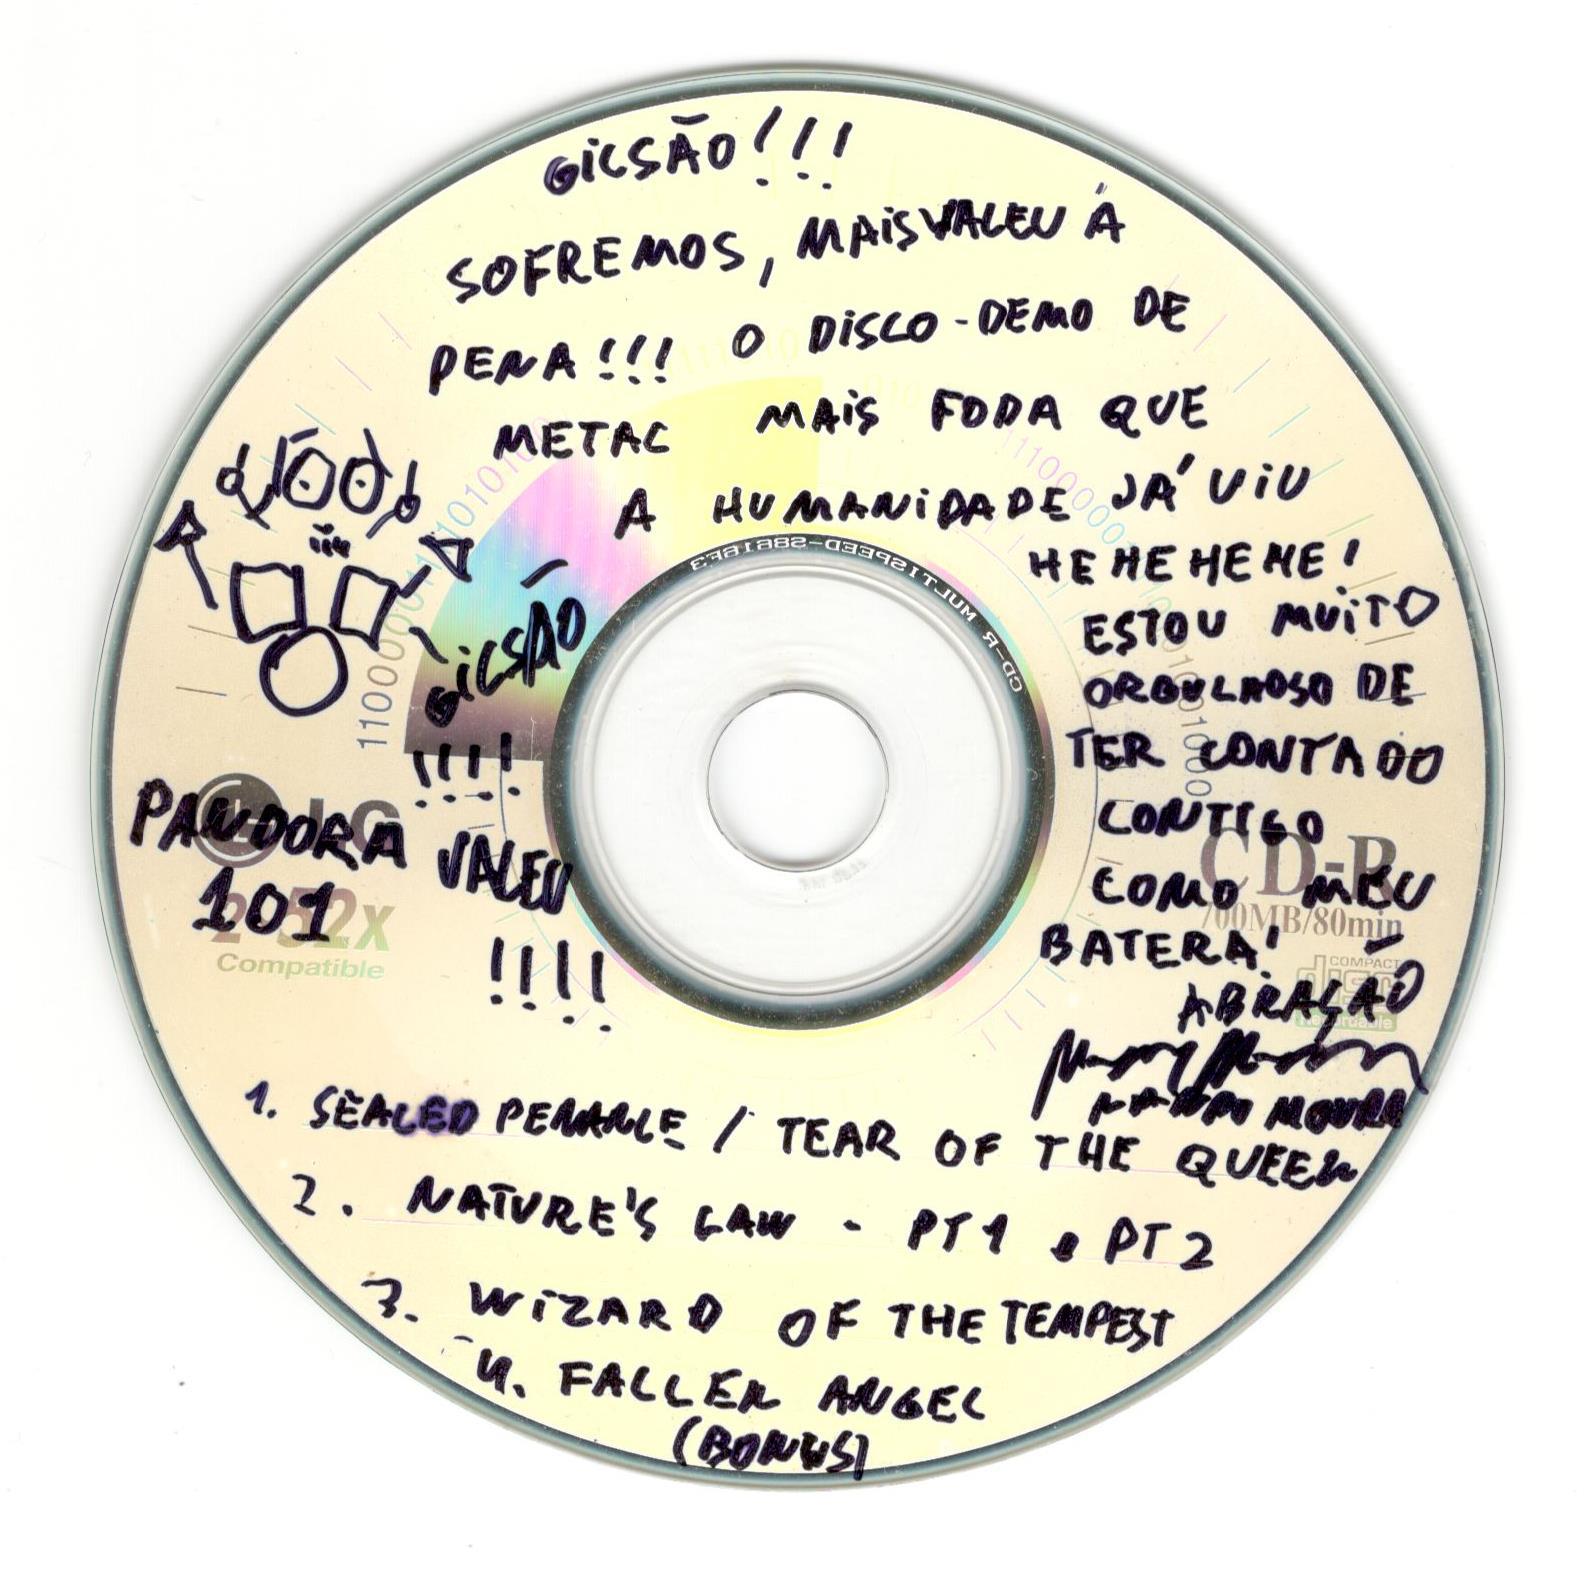 Primeira cópia que recebi do disco que gravamos, 1 ano depois de ter gravado as baterias.